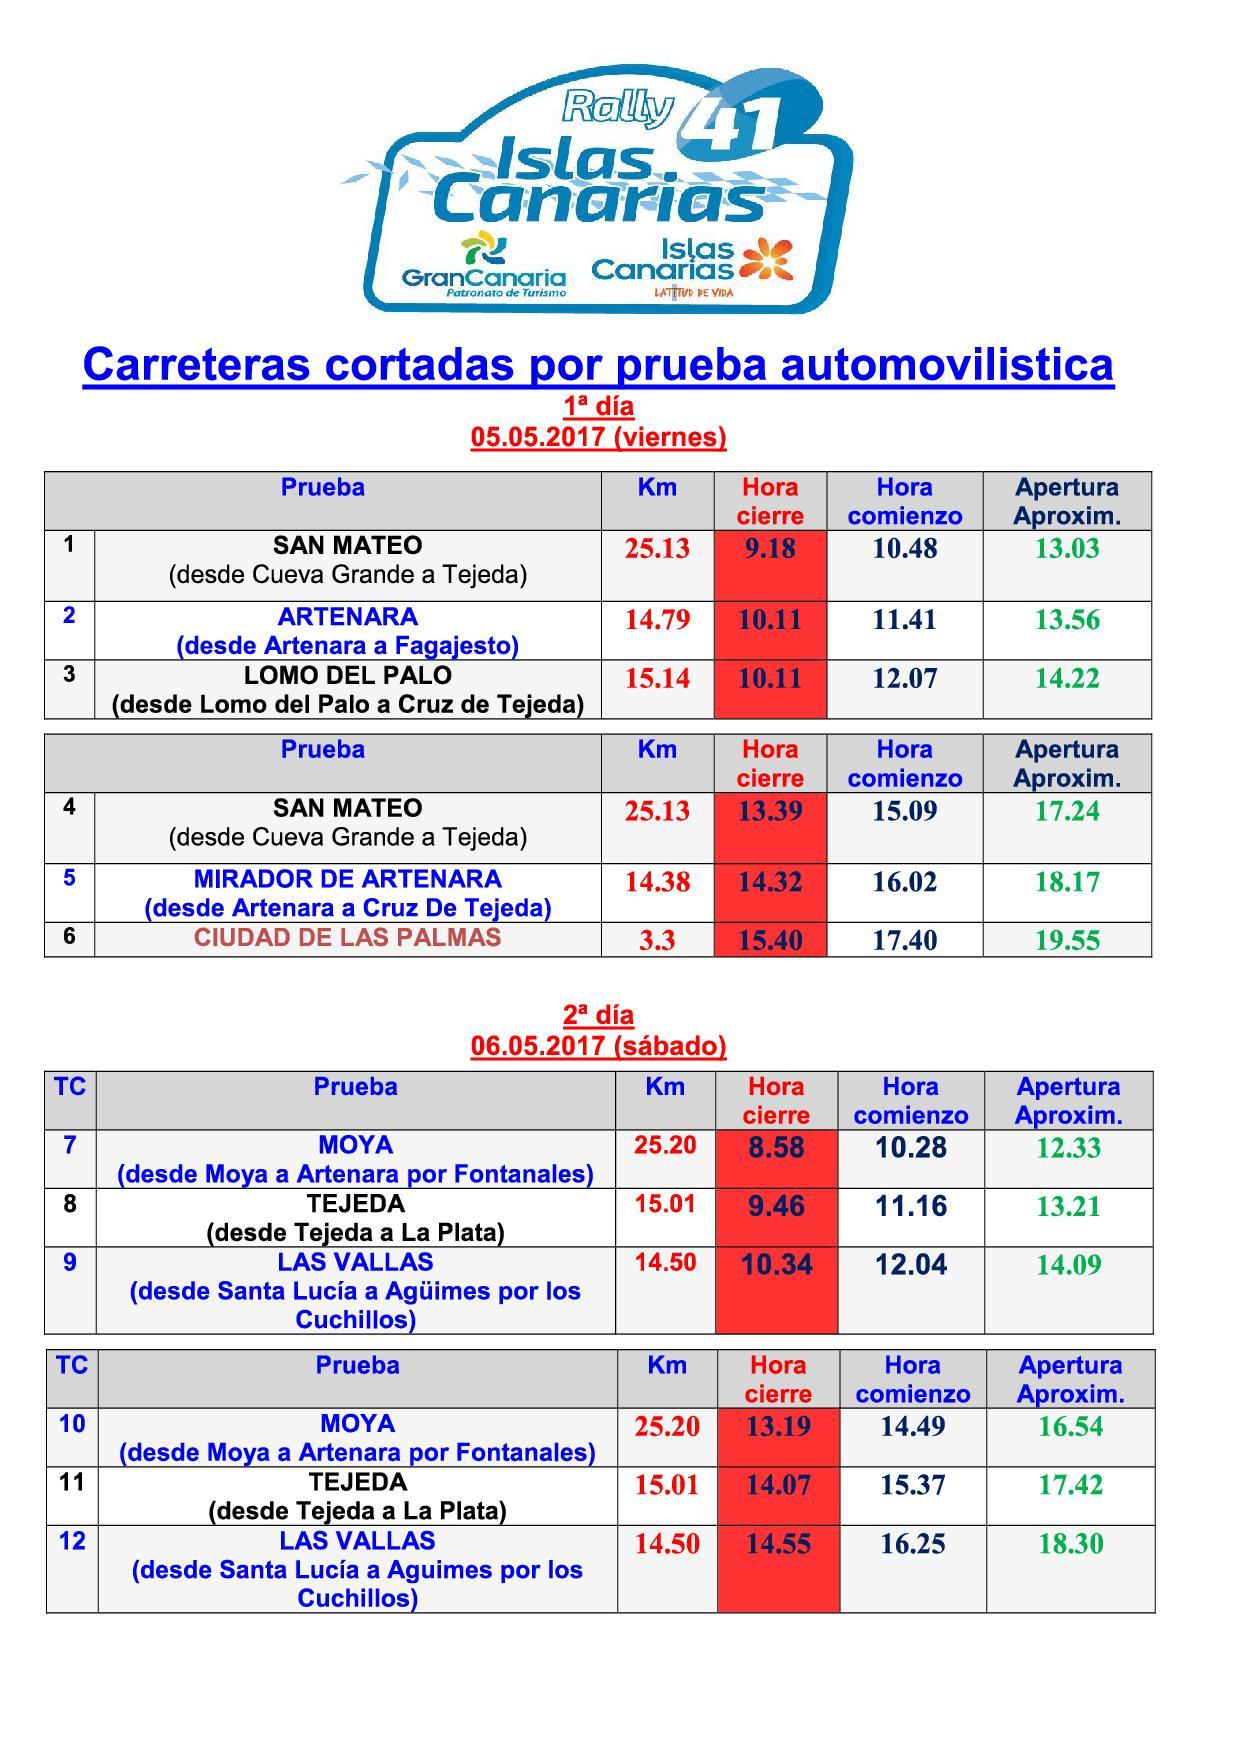 CORTES CARRETERA RALLYE ISLAS CANARIAS 5 Y 6 DE MAYO 2017